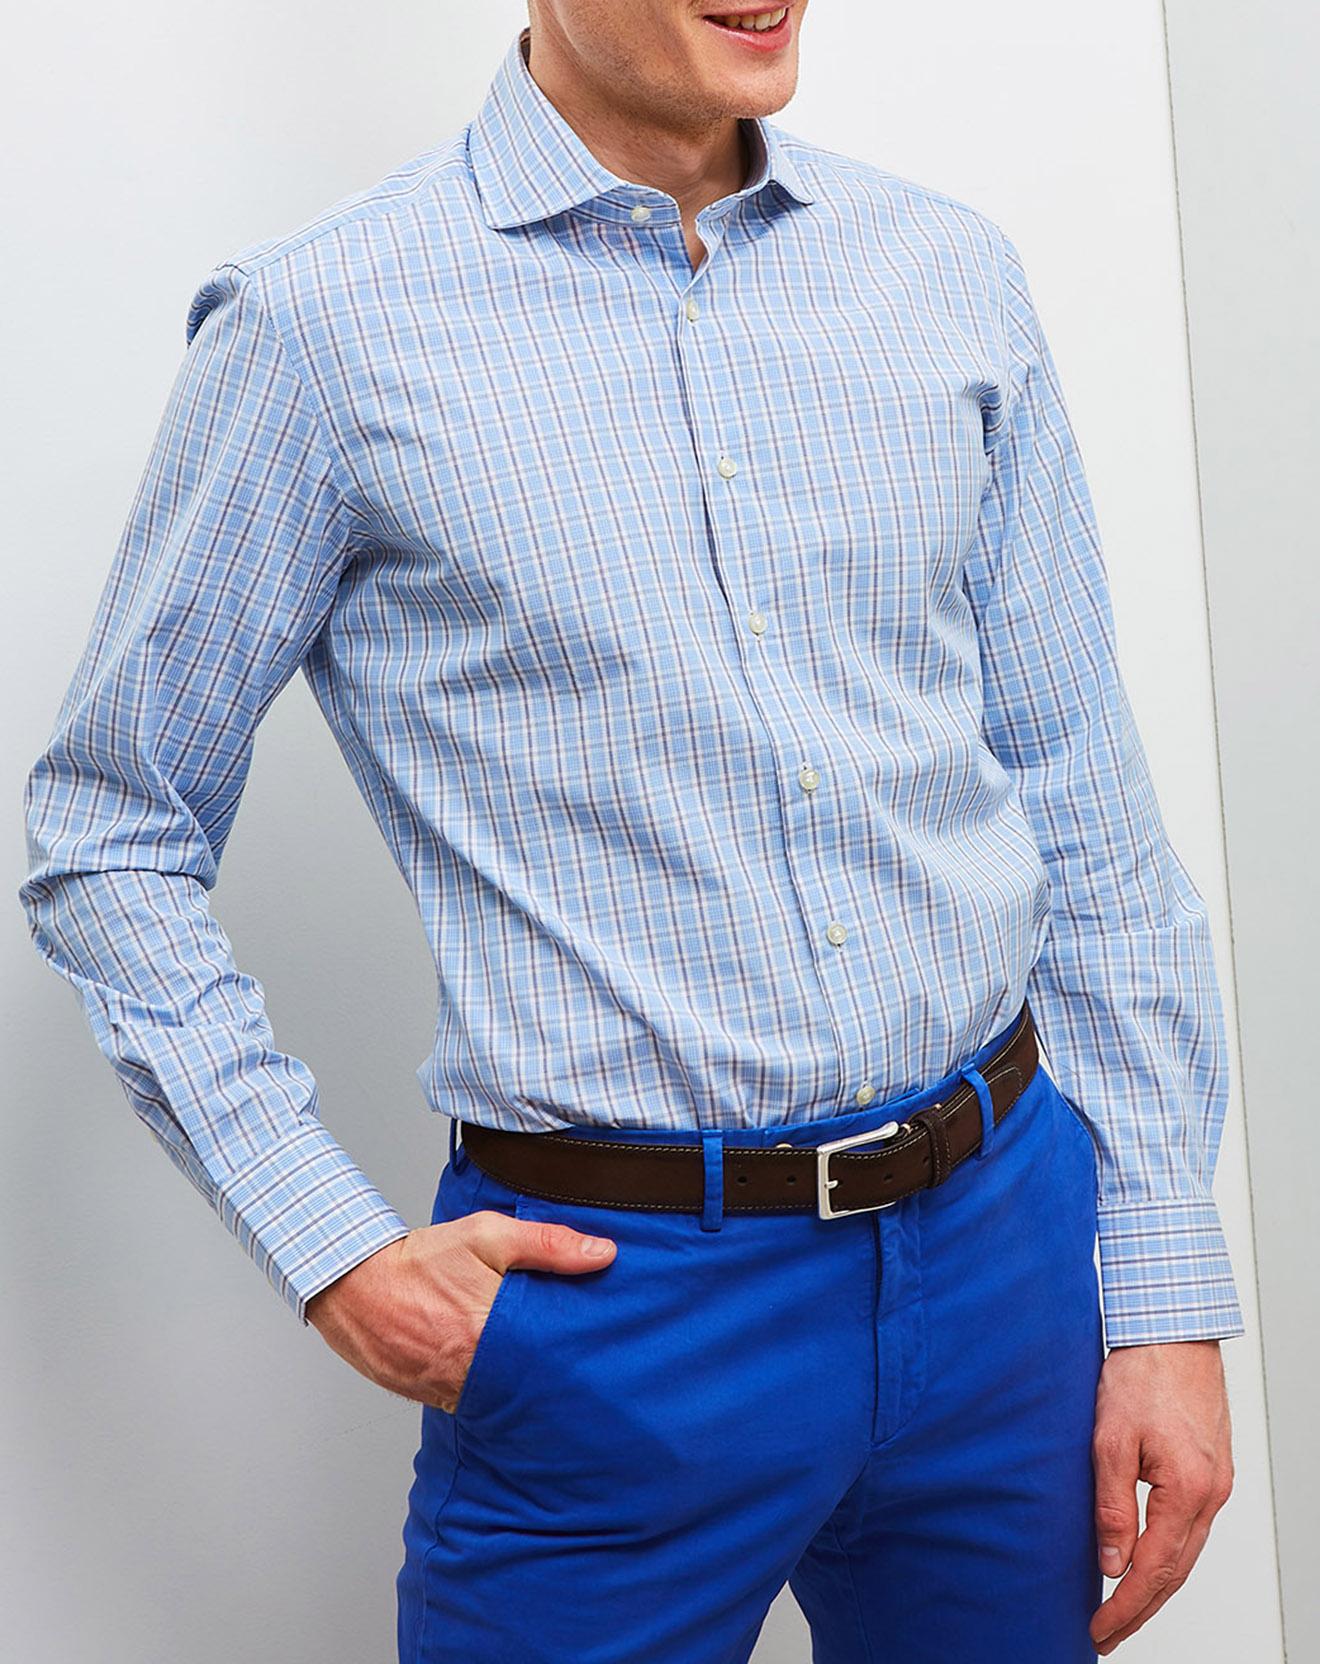 Chemise slim fit Mayfair bleu/blanc - Hackett London - Modalova